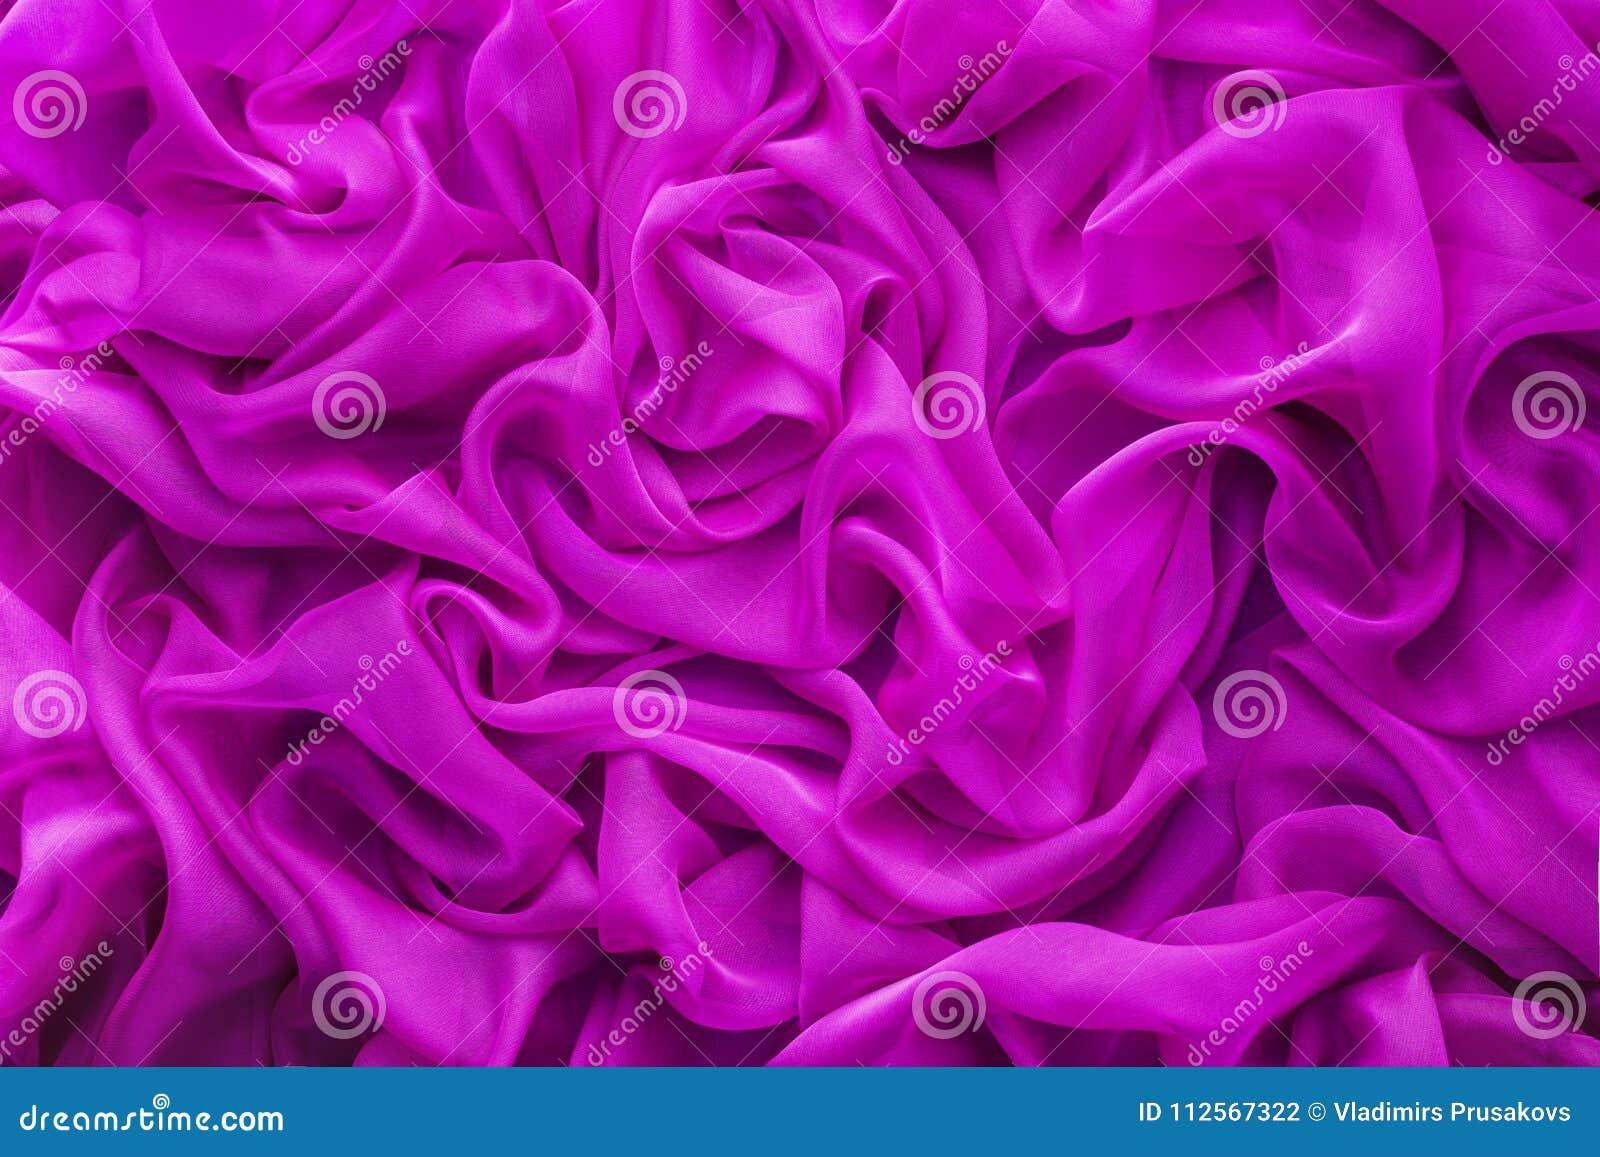 Jedwabniczej tkaniny tło, Różowe Atłasowe Sukienne fala, Macha tkaninę